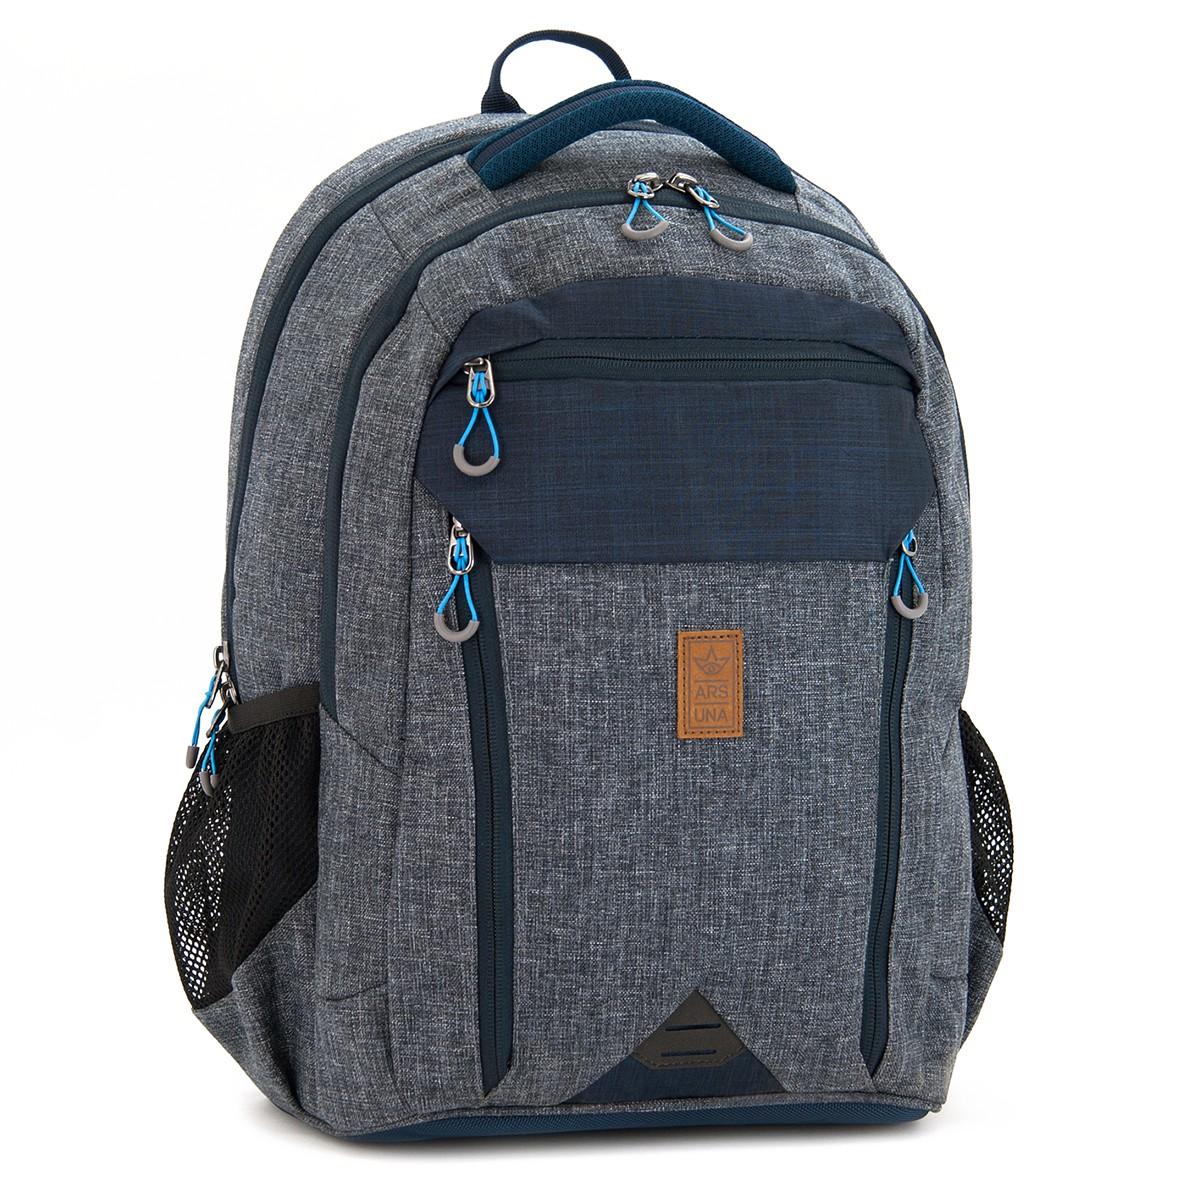 bdd3a7c8f9 ARS UNA 02 ergonomikus hátizsák, iskolatáska 91315267